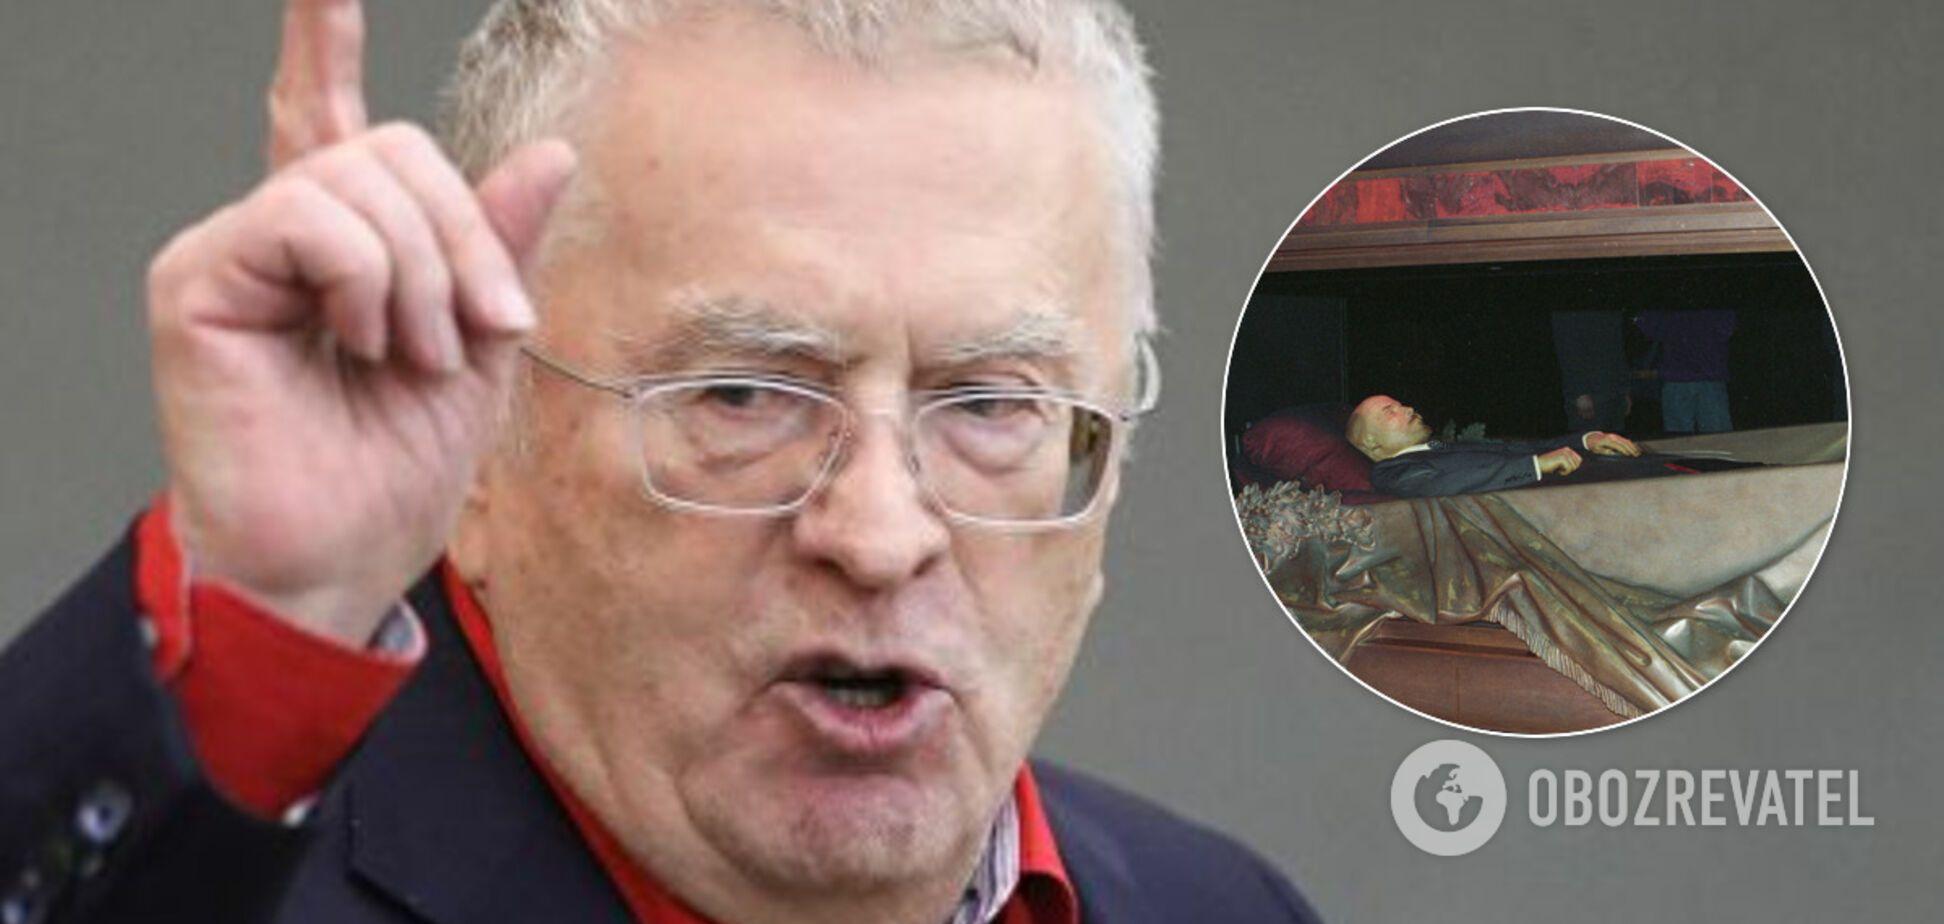 Жириновский выступил за продажу Ленина: в сети предложили возить как мощи